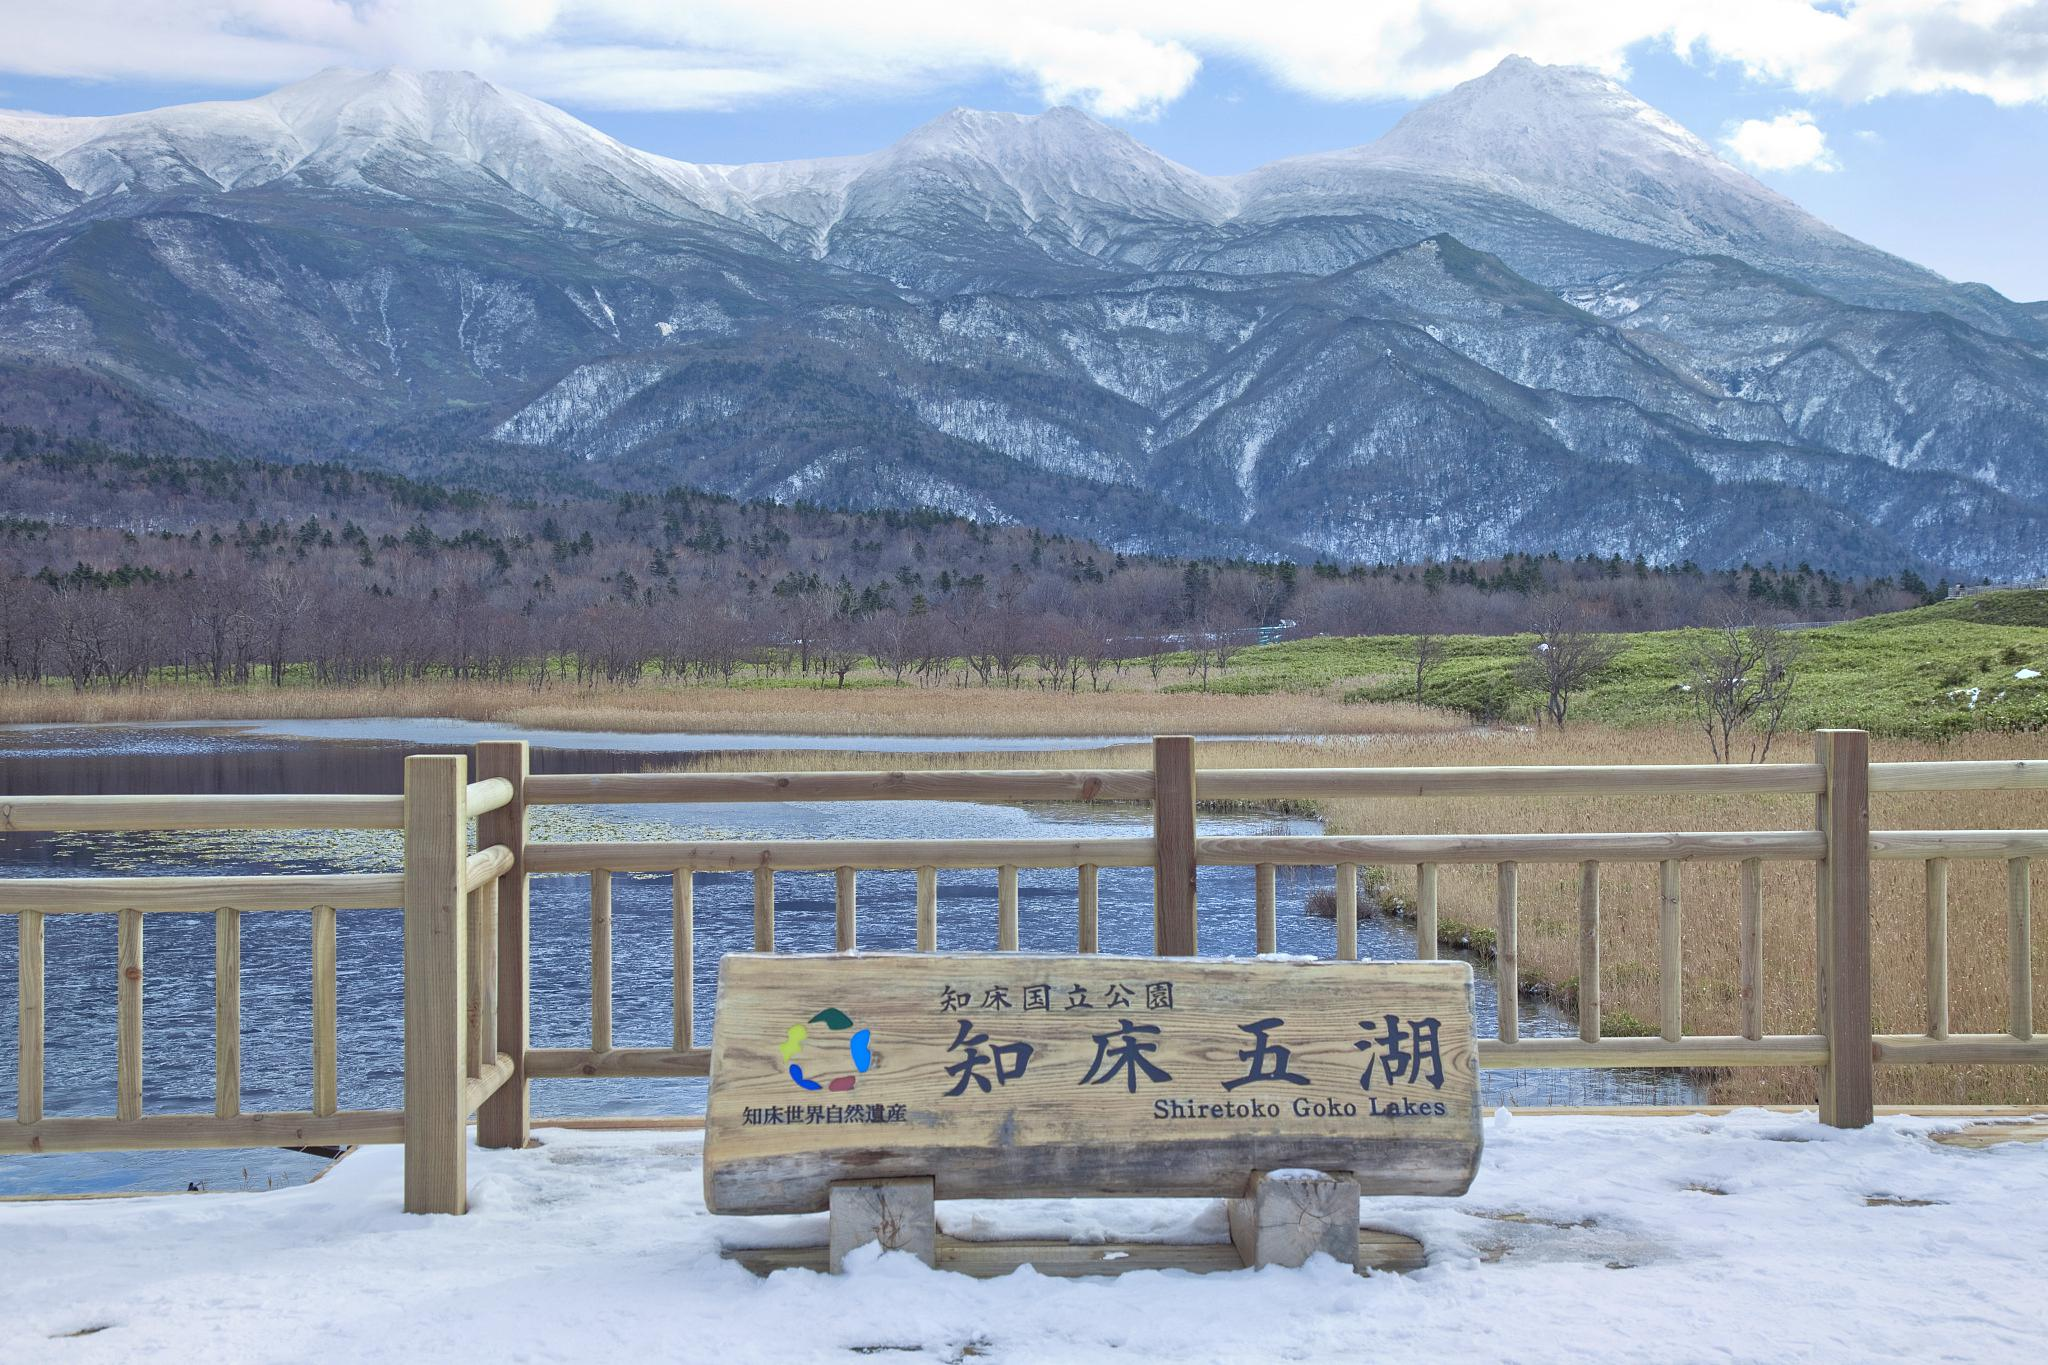 Shiretokogo Lake